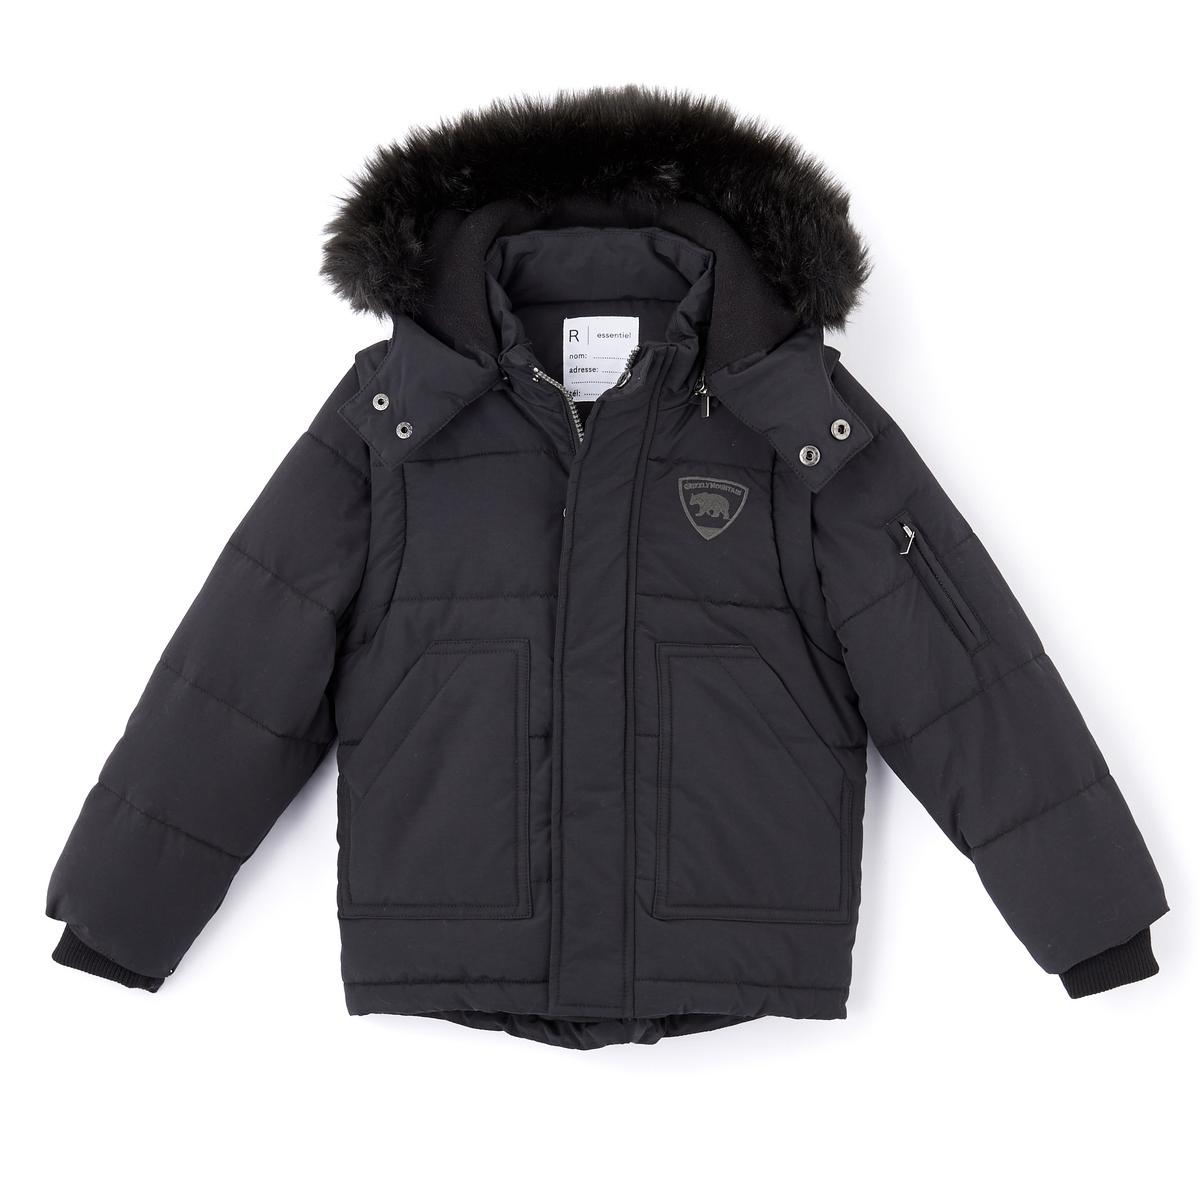 Куртка стеганая с капюшоном для мальчика, 3-12 лет